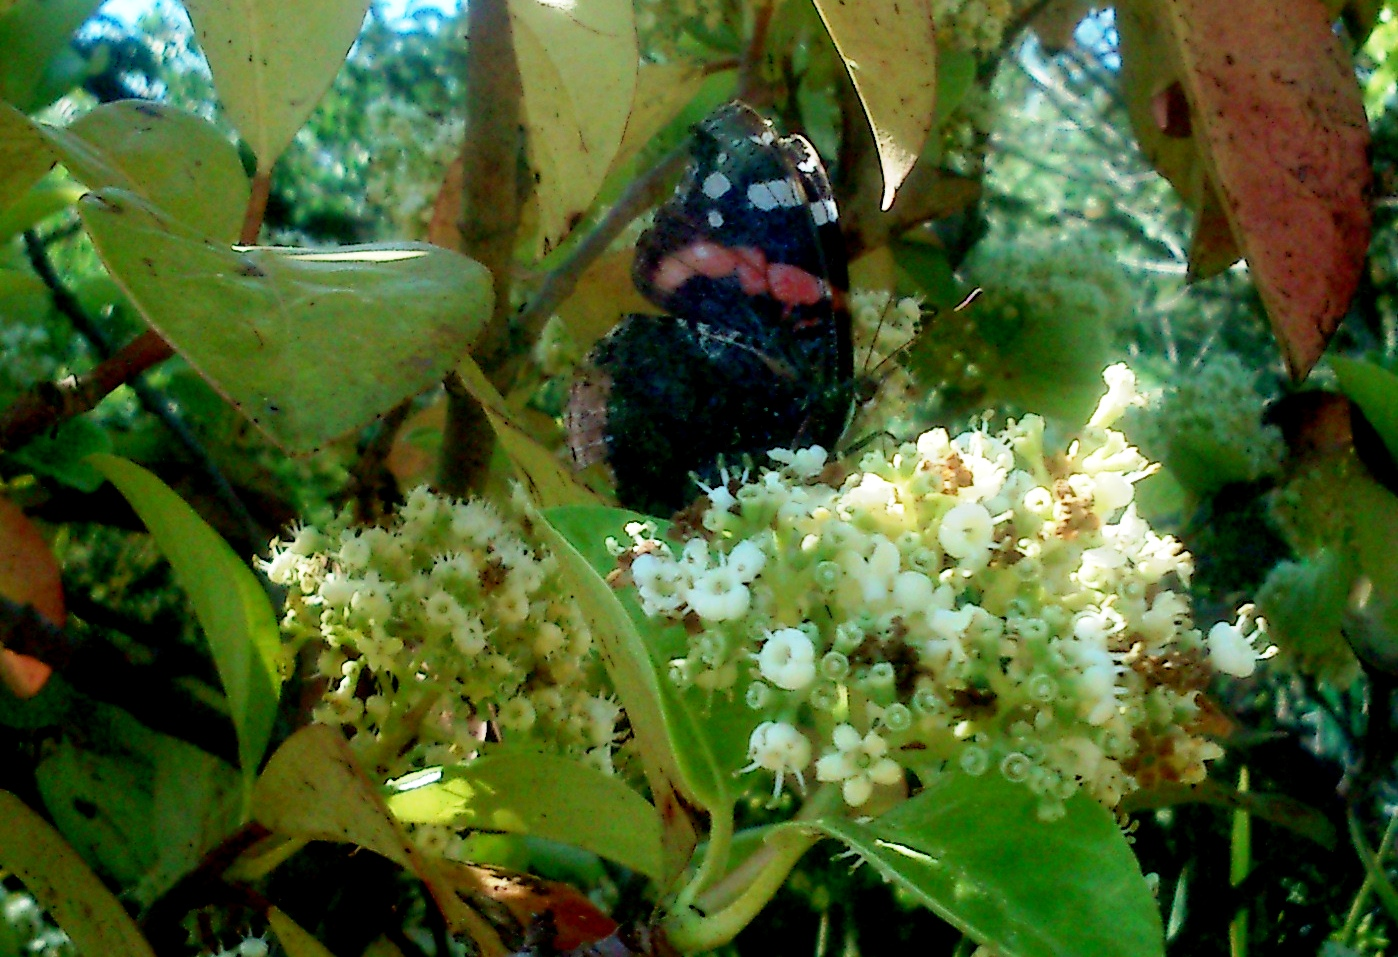 Arte ciencia de david jos flores for Jardin umbrio